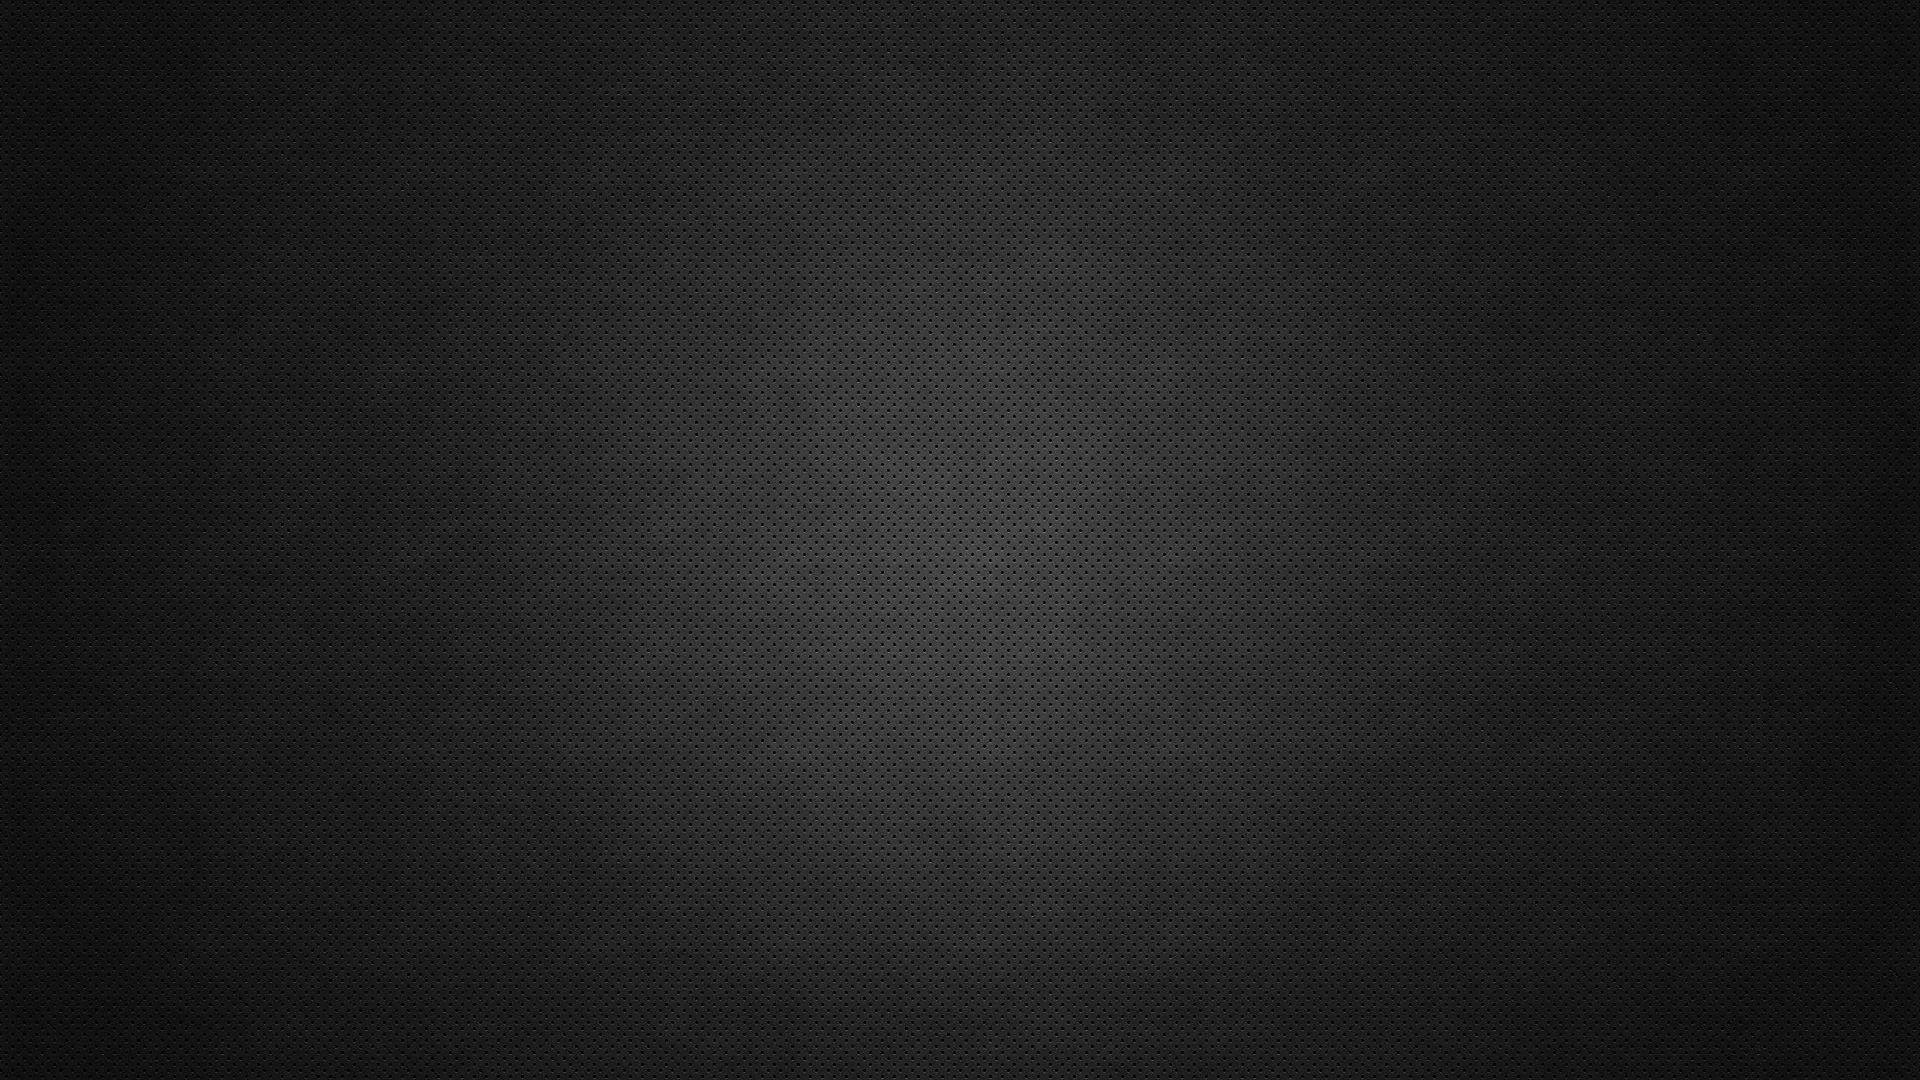 Plain Black hd wallpaper 1080